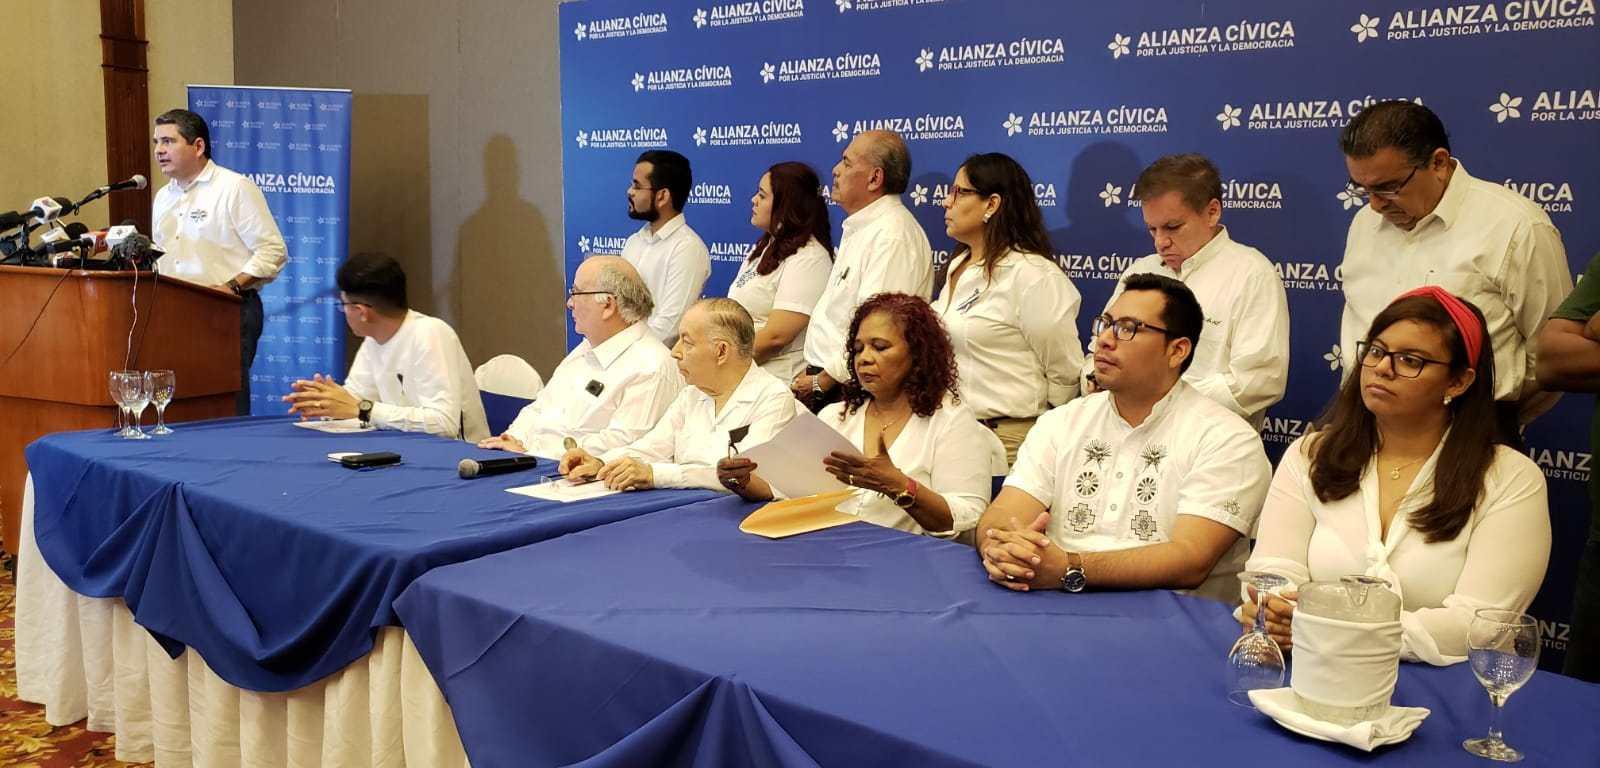 Dirigentes de la Alianza Cívica